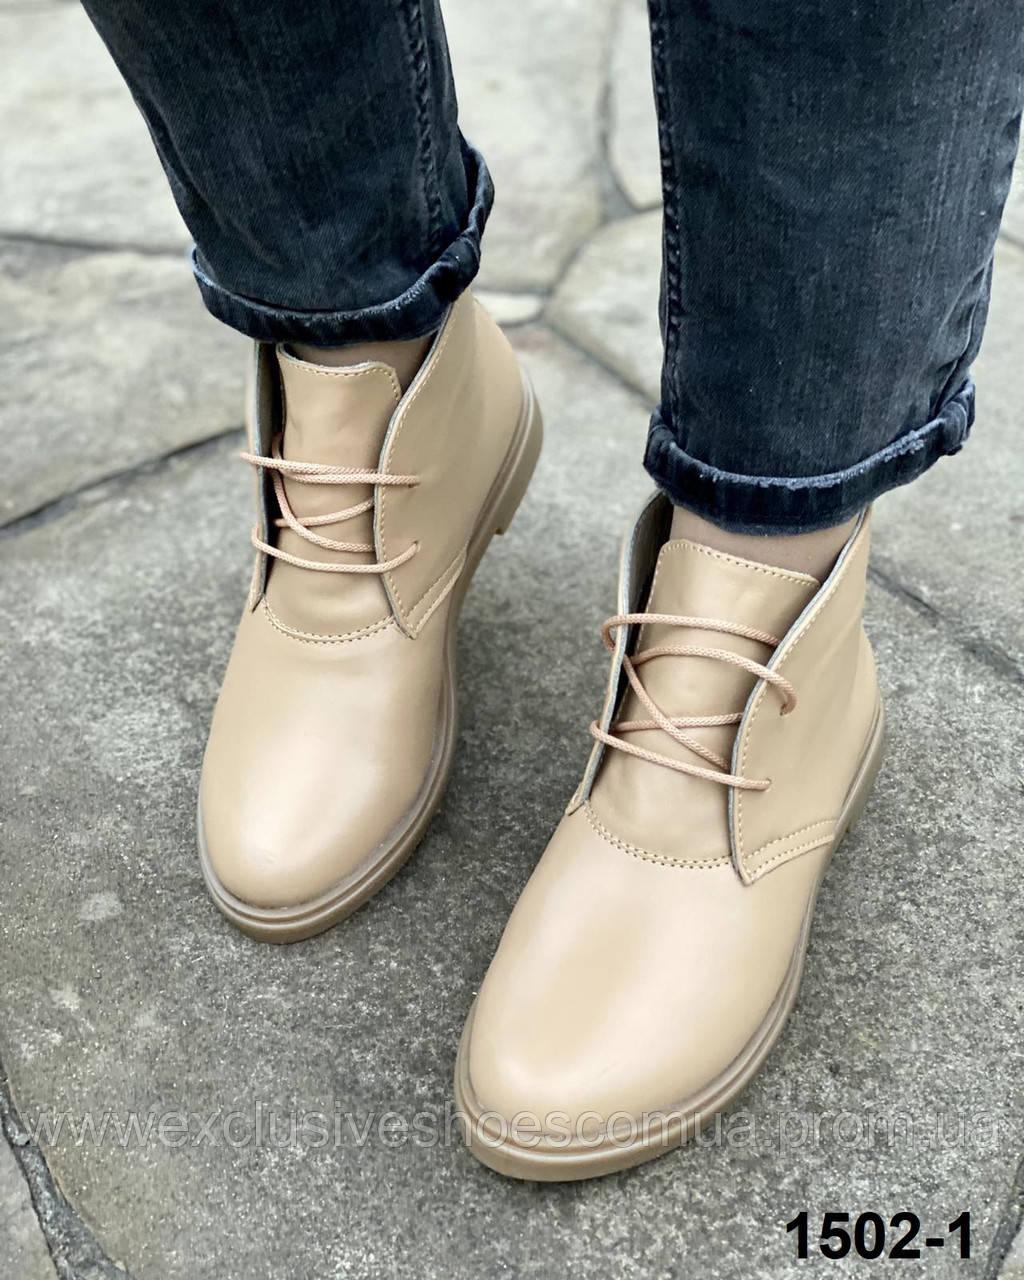 Черевики жіночі демісезонні шкіряні лате класичні на шнурках